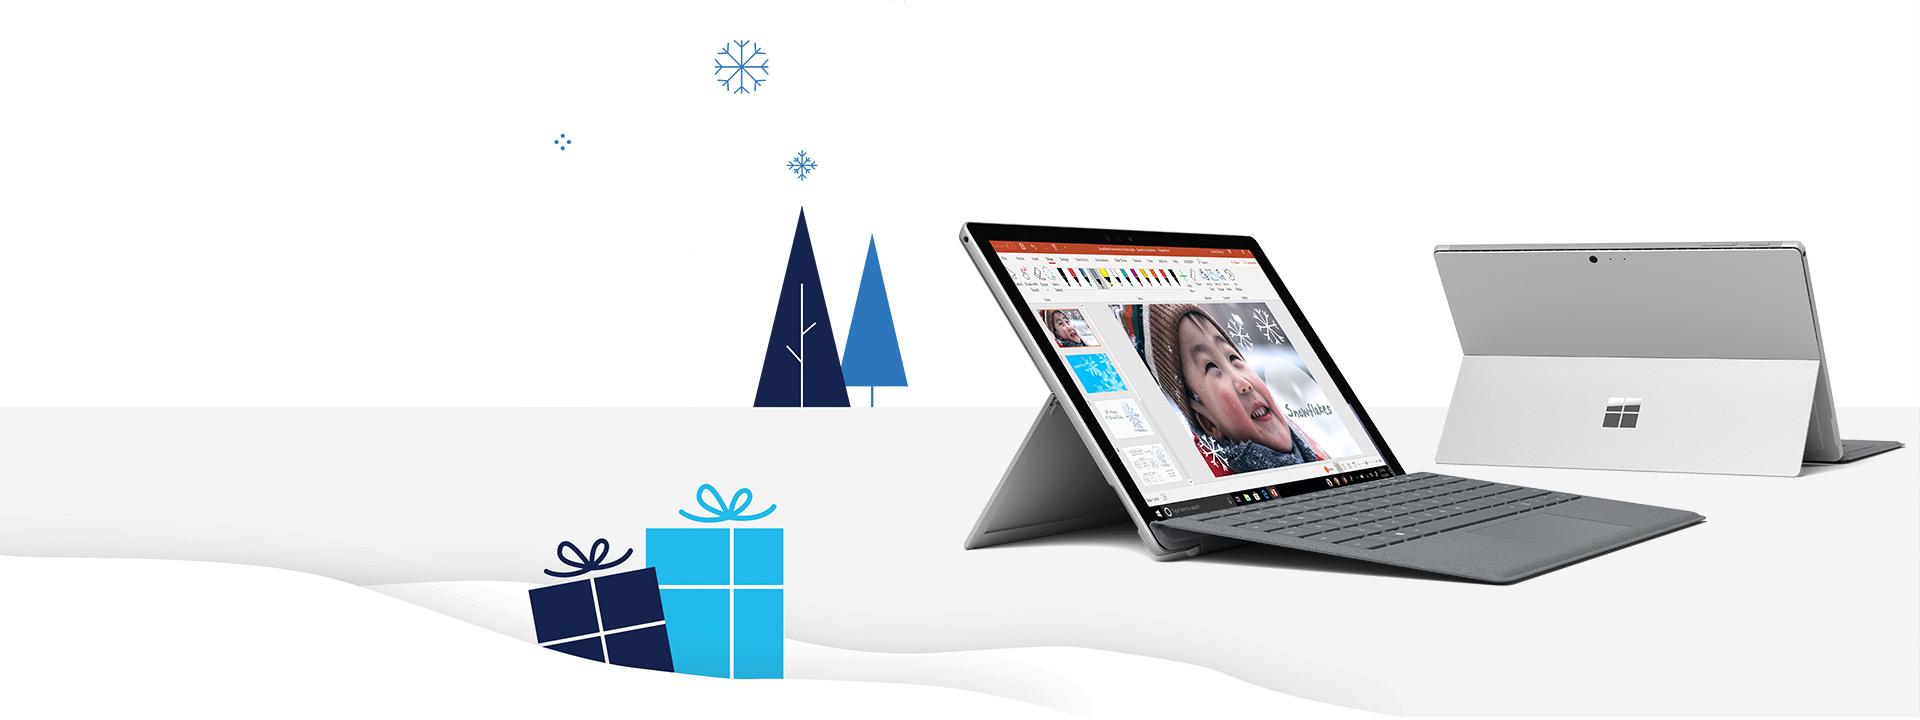 وفّر الإمكانيات عبر أحد أجهزة Surface Pro الجديدة